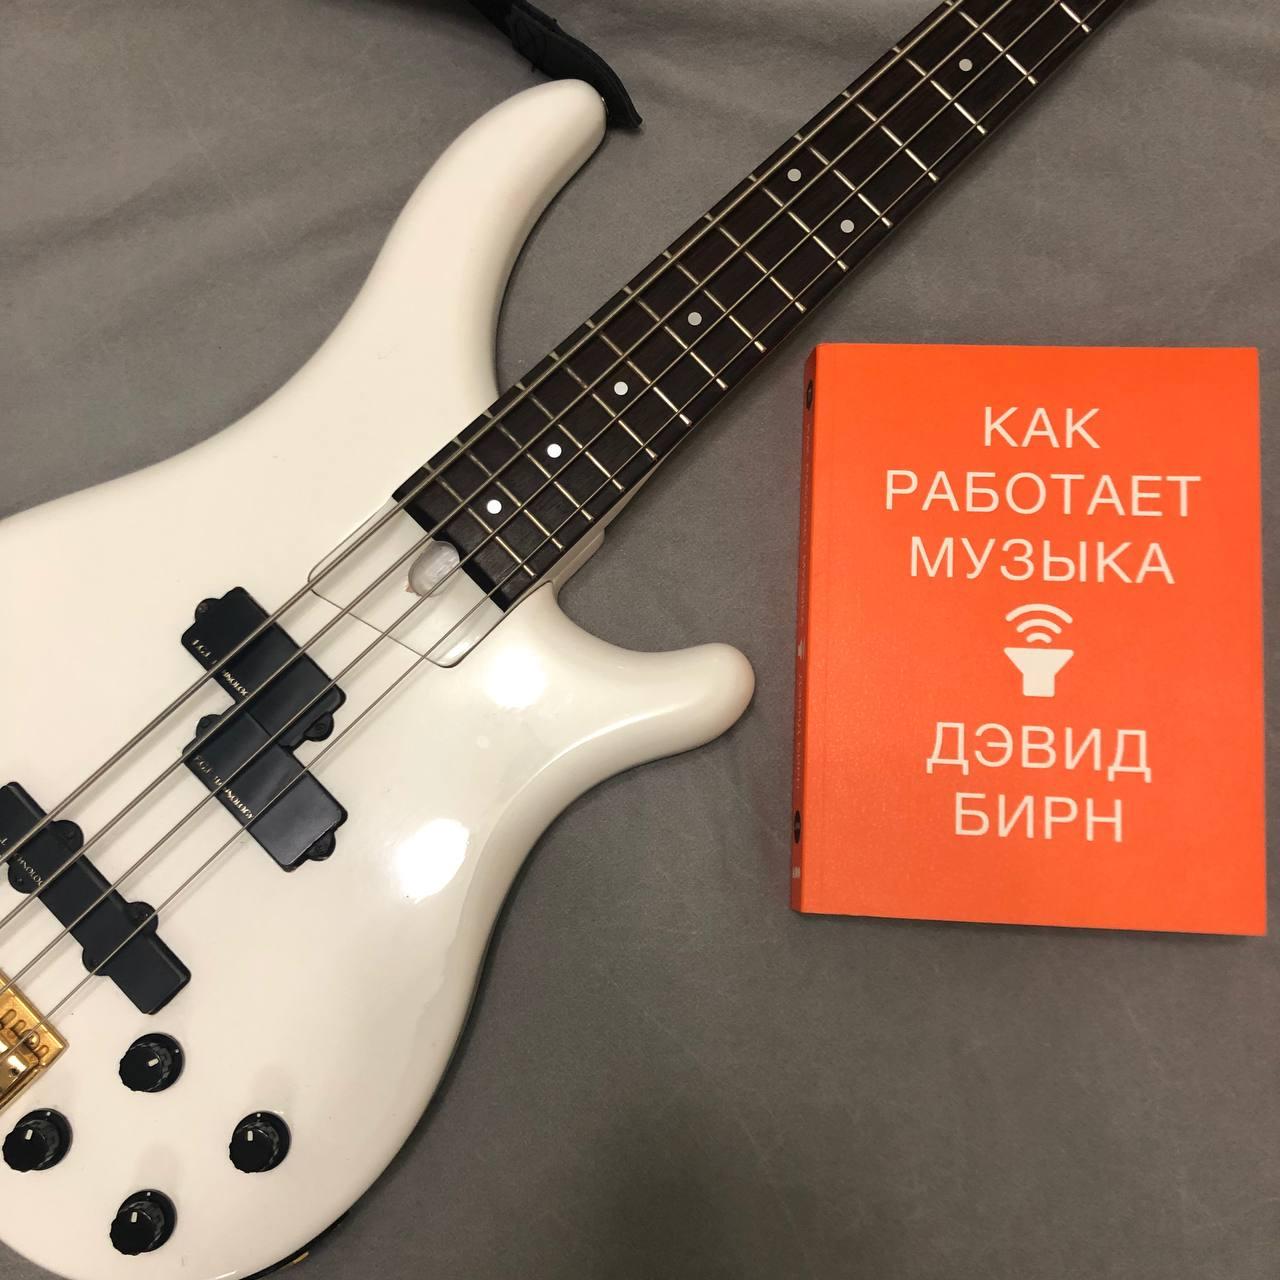 Недавно в интервью одного музыканта услышала рекомендацию книги «Как работает...